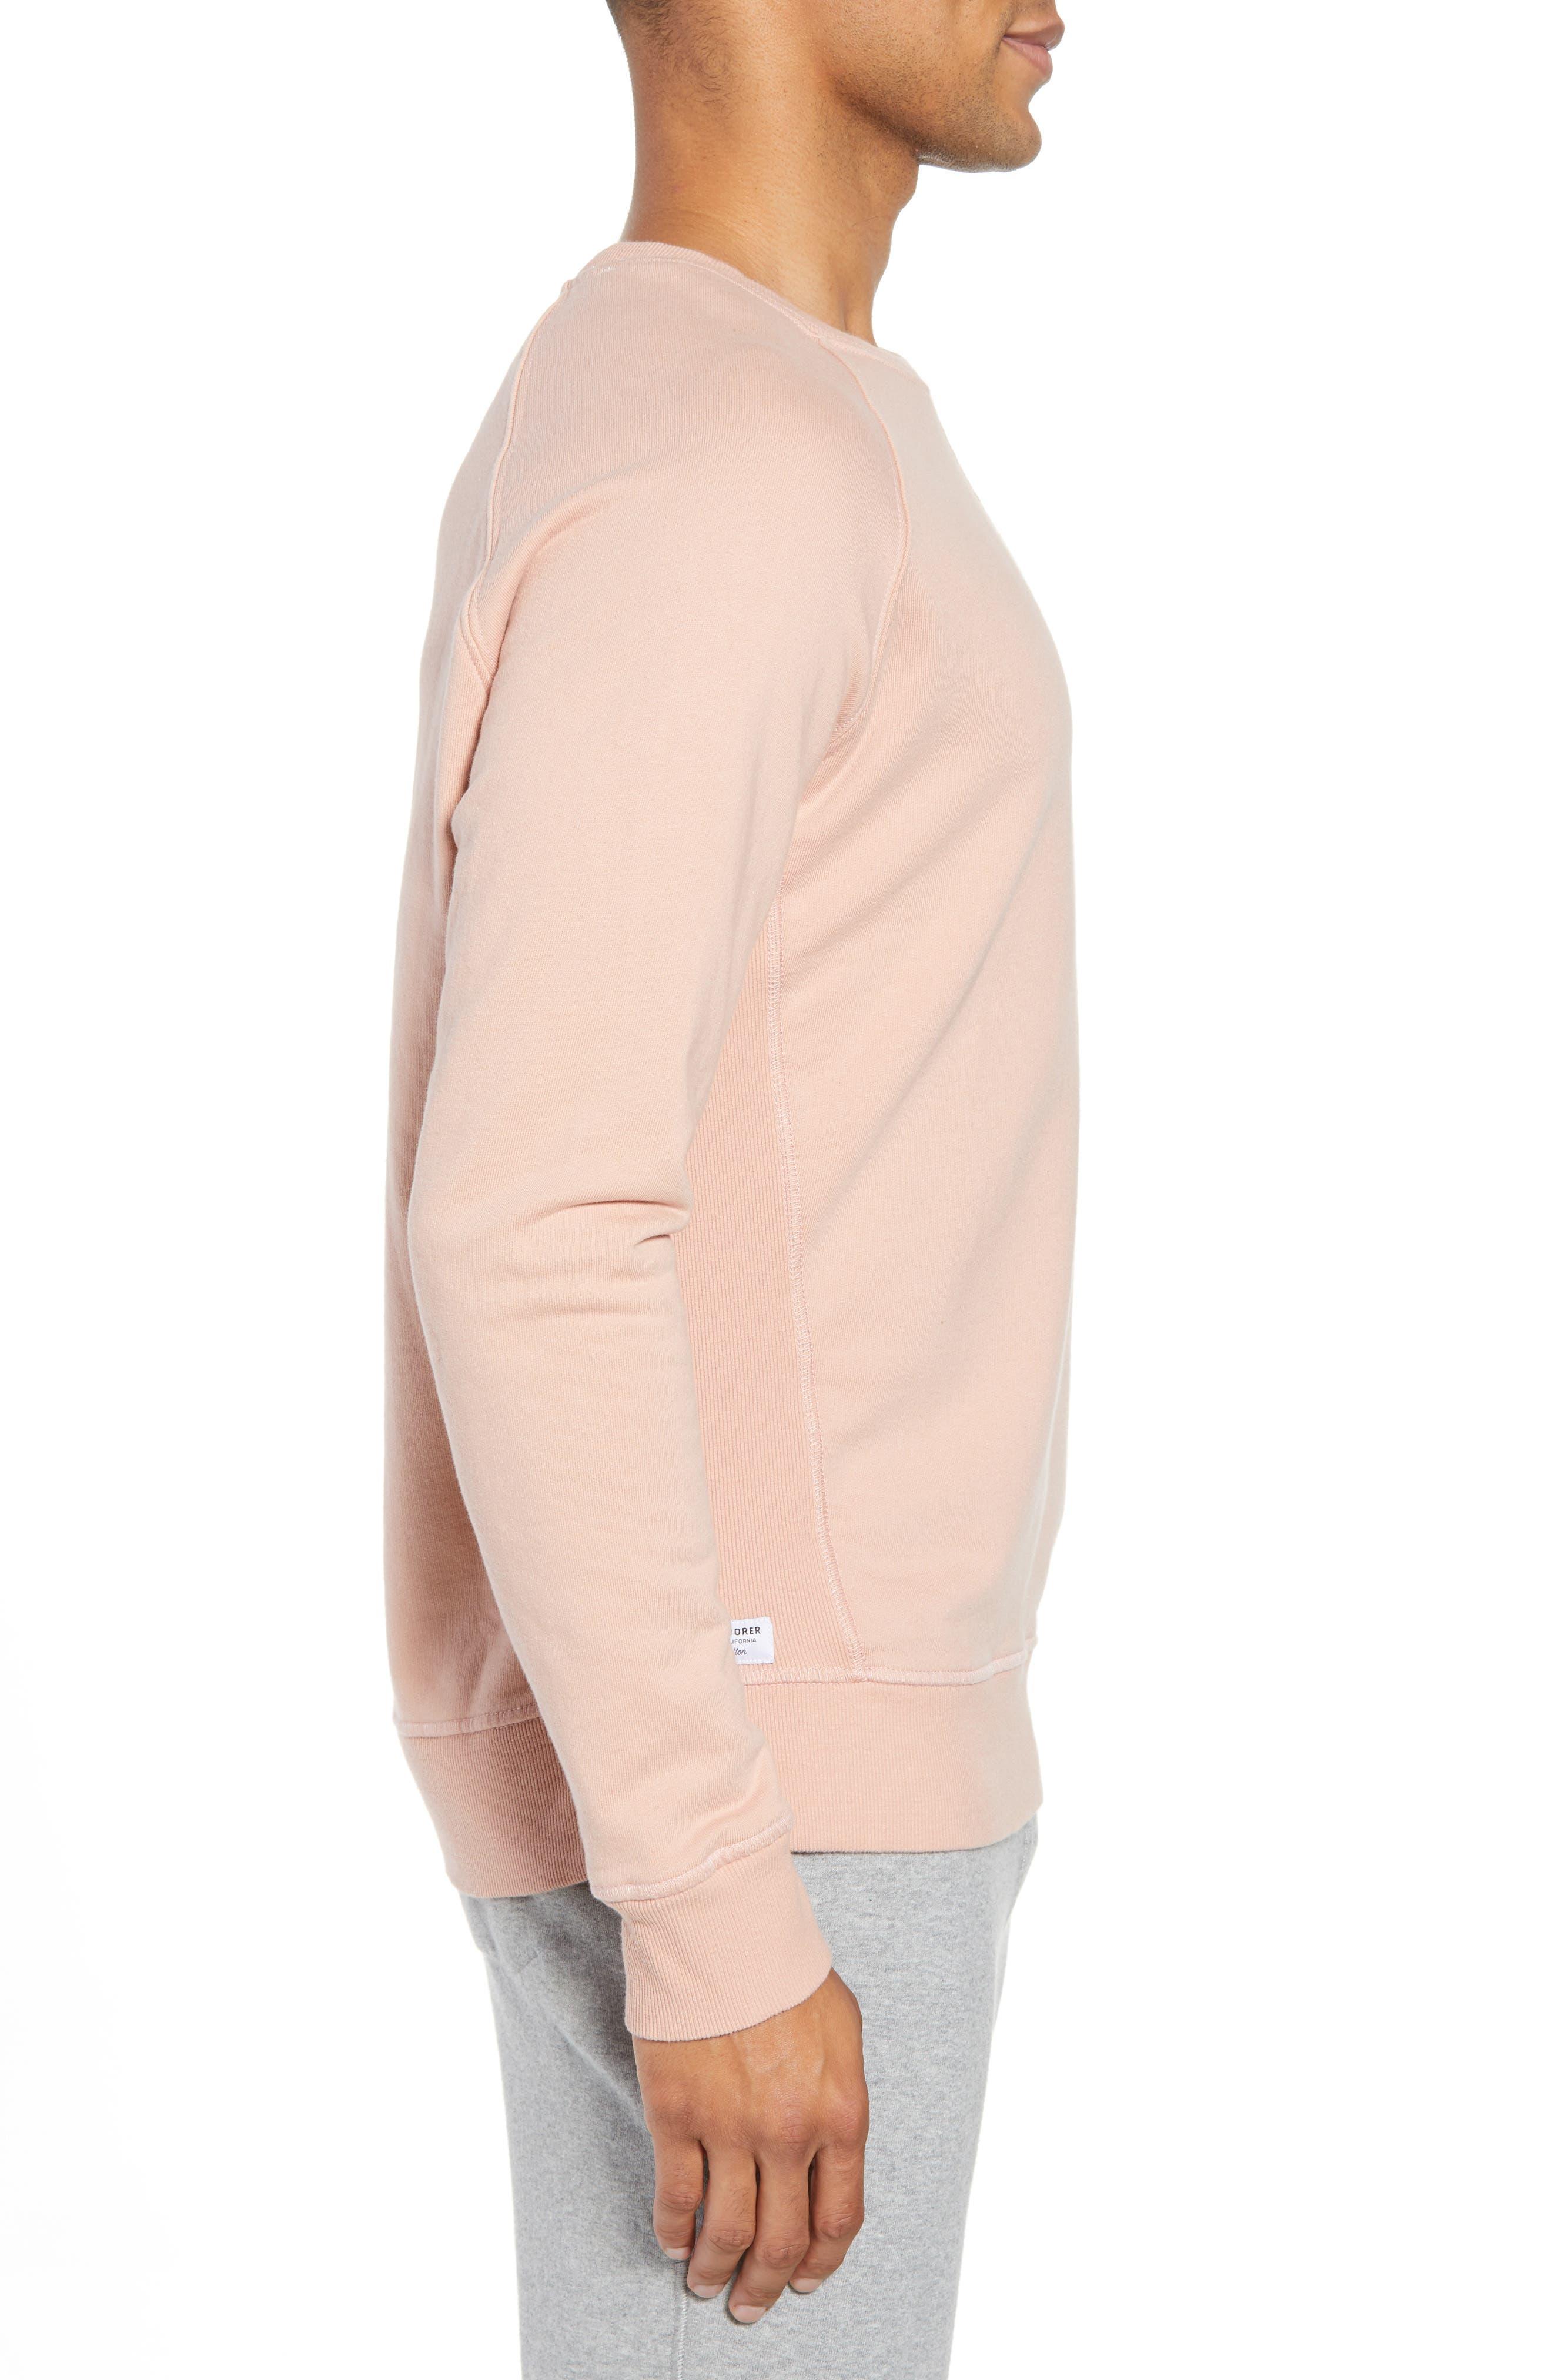 RICHER POORER,                             Crewneck Cotton Sweatshirt,                             Alternate thumbnail 3, color,                             BLUSH